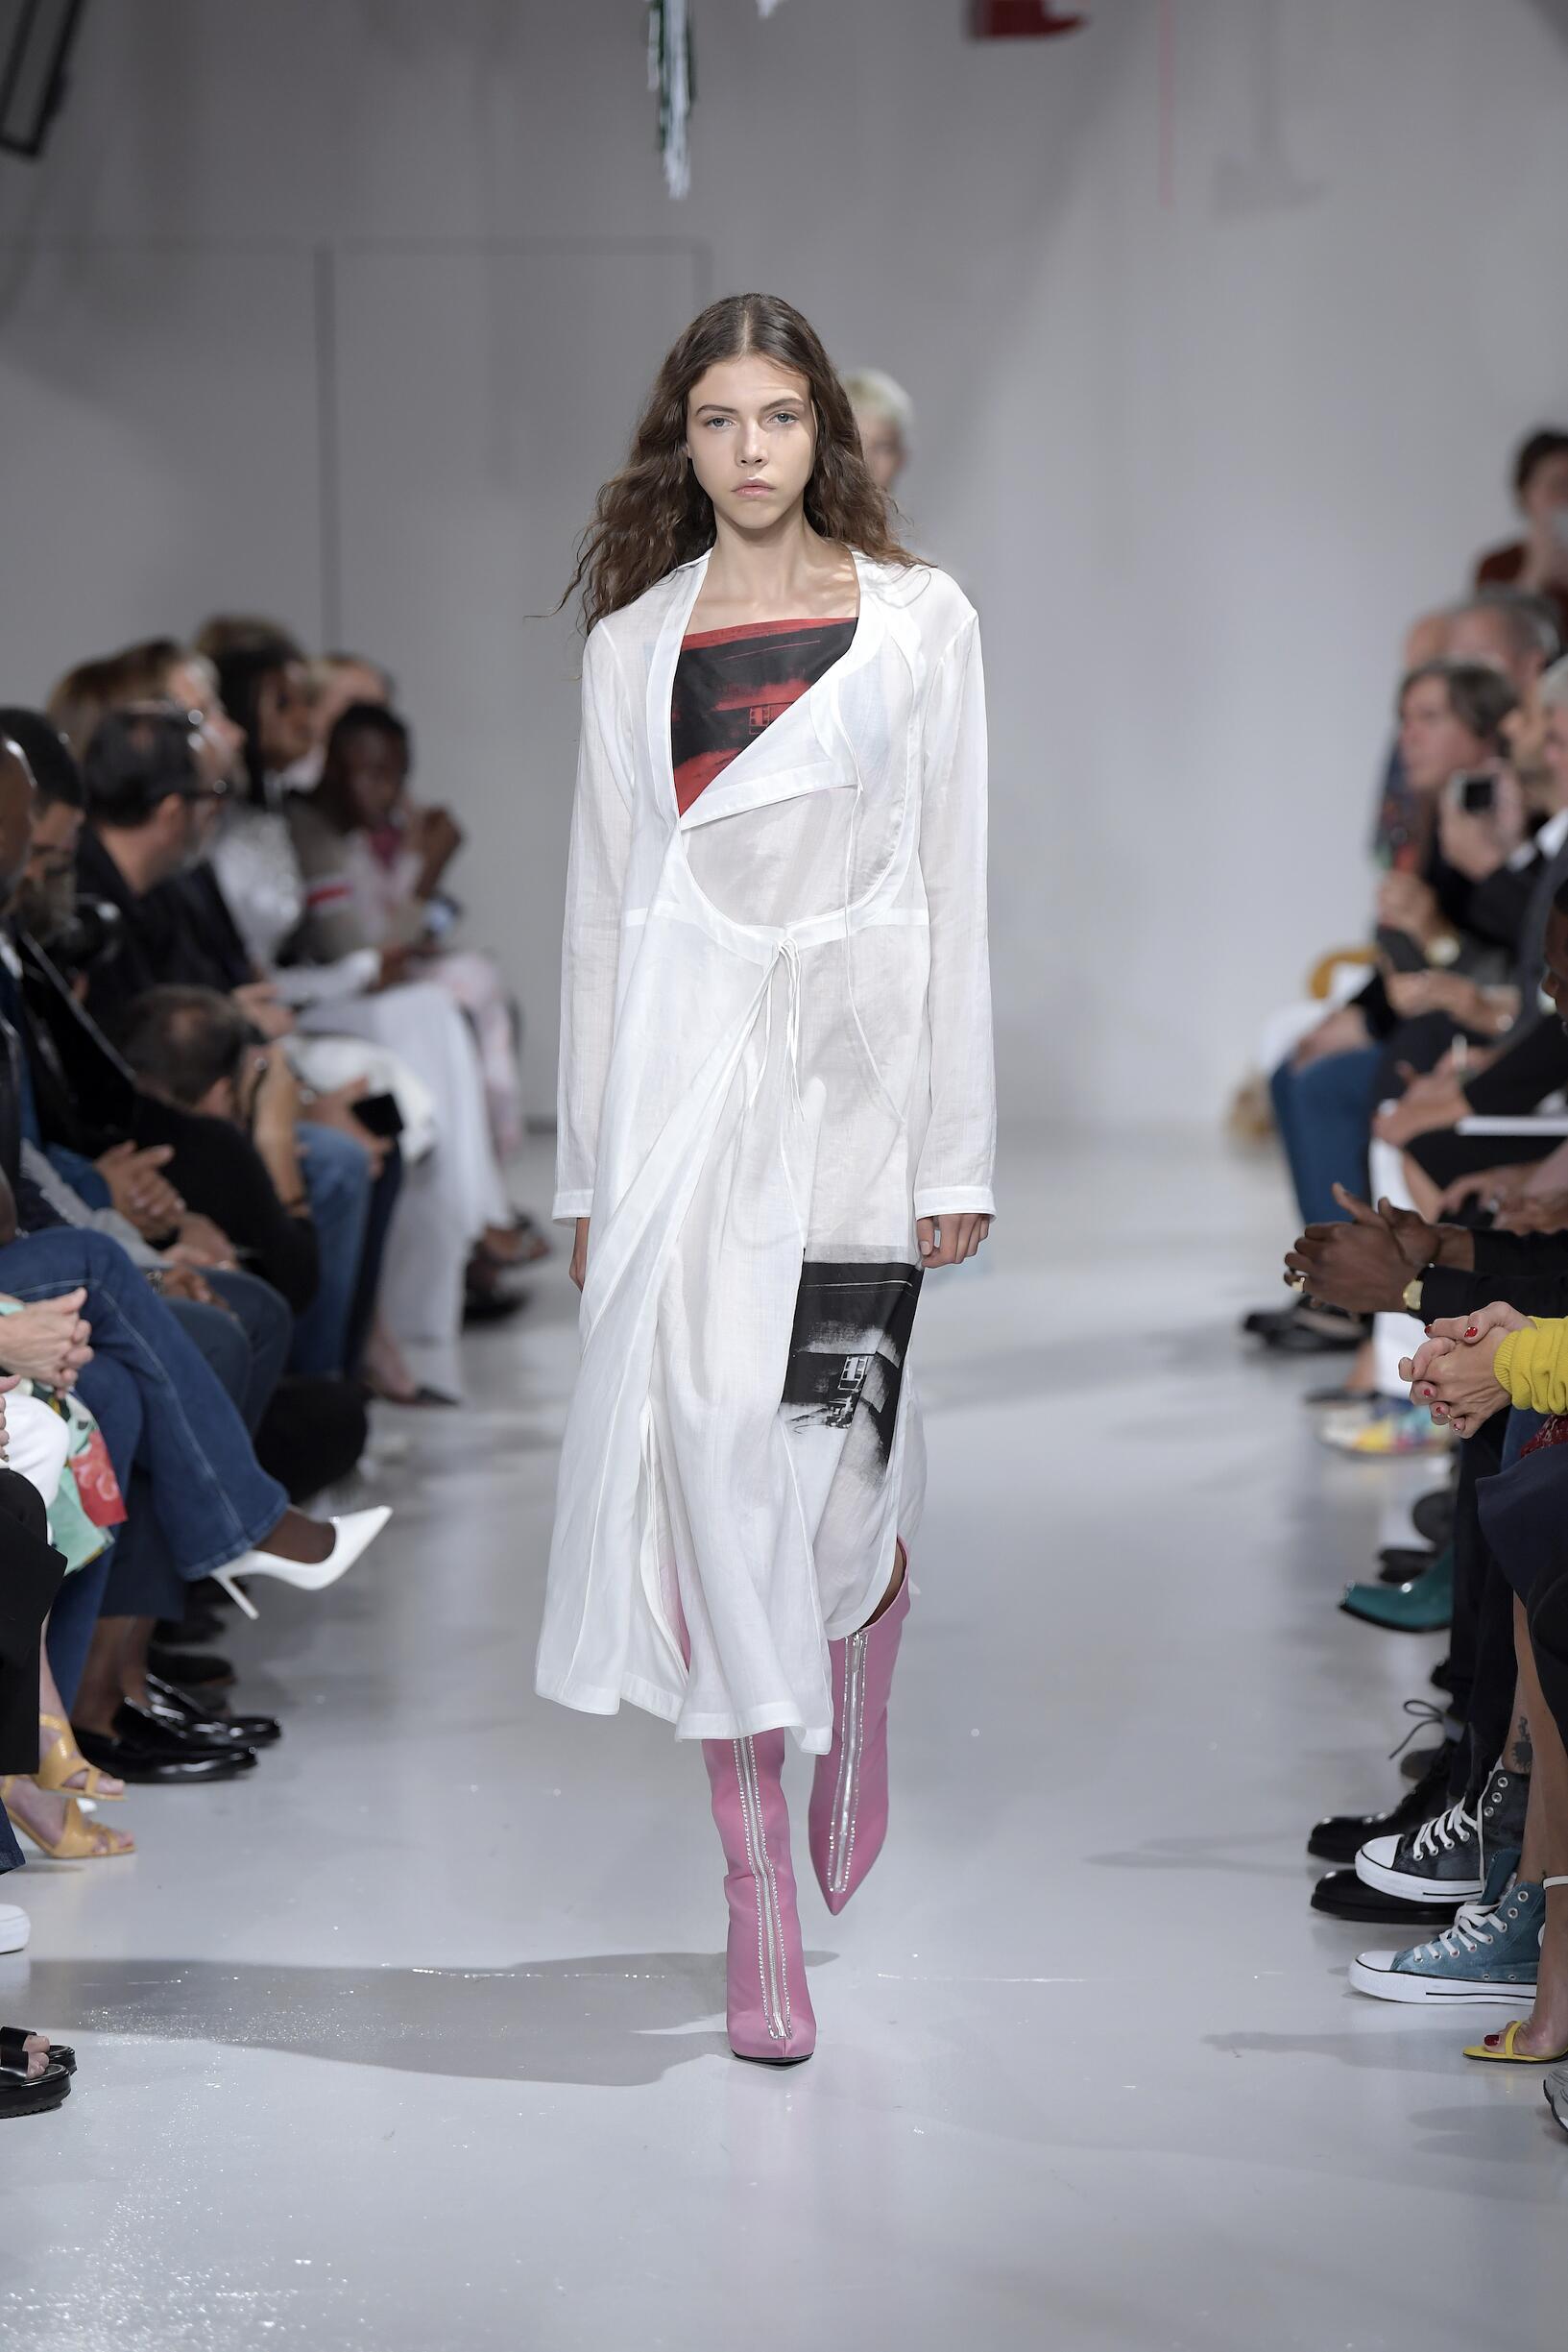 Runway Calvin Klein 205W39NYC Spring Summer 2018 Women's Collection New York Fashion Week